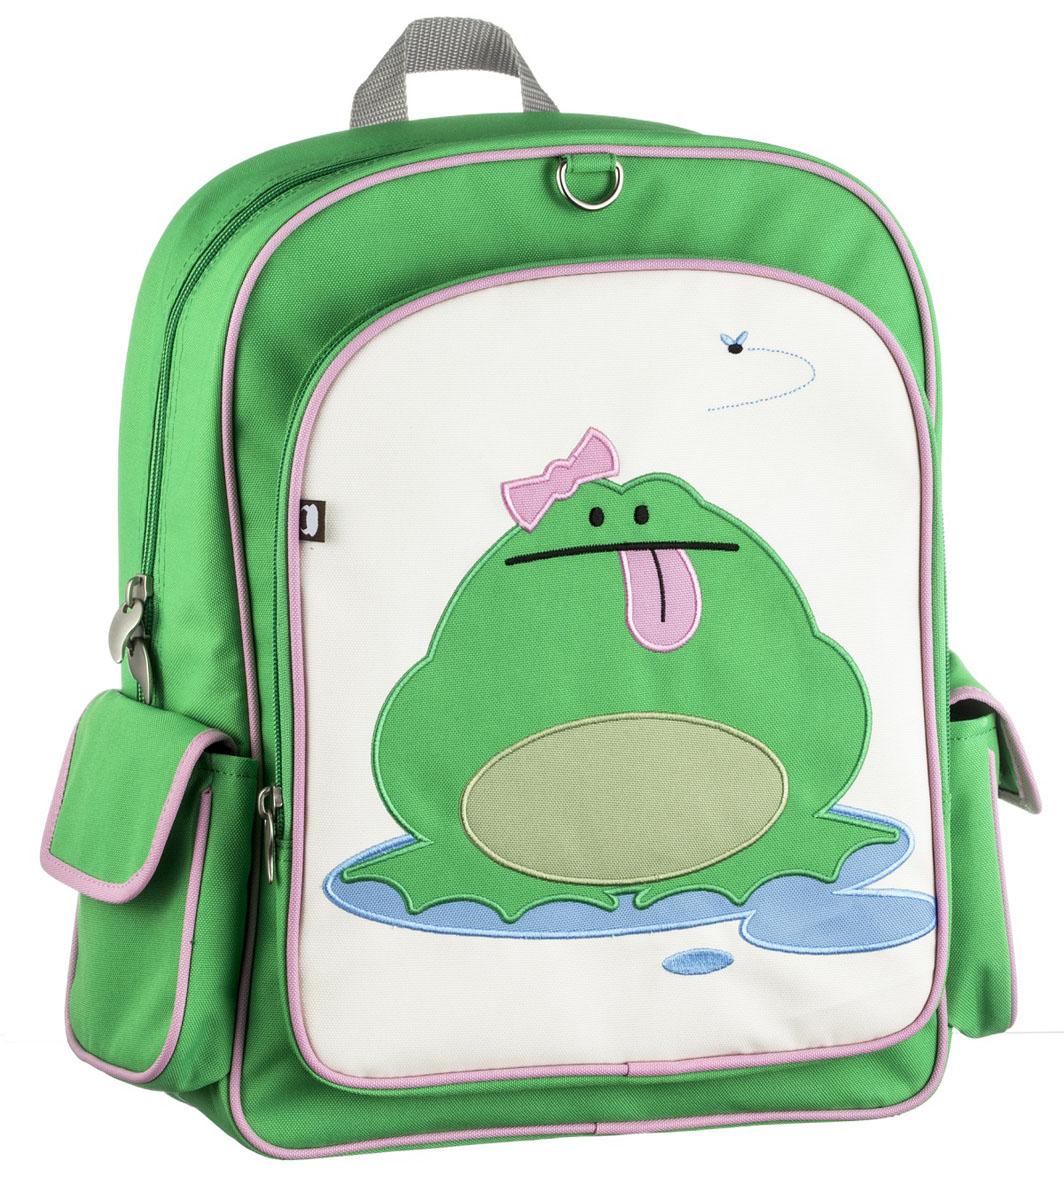 Рюкзак детский Beatrix Big Kid Katarina-Frog, цвет: розовый, молочный, зеленыйAP-7529-20Рюкзак Beatrix Katarina-Frog изготовлен из износоустойчивого нейлона ярких расцветок. Рюкзак оформлен вышитой аппликацией с изображением забавного животного. Рюкзак состоит из вместительного отделения, закрывающегося на застежку-молнию с двумя бегунками. Бегунки застежки дополнены металлическими держателями. На лицевой стороне рюкзака один большой накладной карманом на молнии. Внутри отделения находится дополнительный кармашек на застежке-молнии. На задней стенке рюкзака имеется нашивка, на которой можно указать данные владельца. По бокам рюкзака имеются два накладных кармашка, закрывающихся на клапан с липучкой. Мягкие широкие лямки позволяют легко и быстро отрегулировать рюкзак в соответствии с ростом. Спинка рюкзака и лямки прошиты для дополнительного комфорта при эксплуатации. Рюкзак оснащен удобной текстильной ручкой для переноски в руке. Достаточно вместительный для того, чтобы в них поместились учебники, ноутбук, школьный завтрак и остальной арсенал школьника....